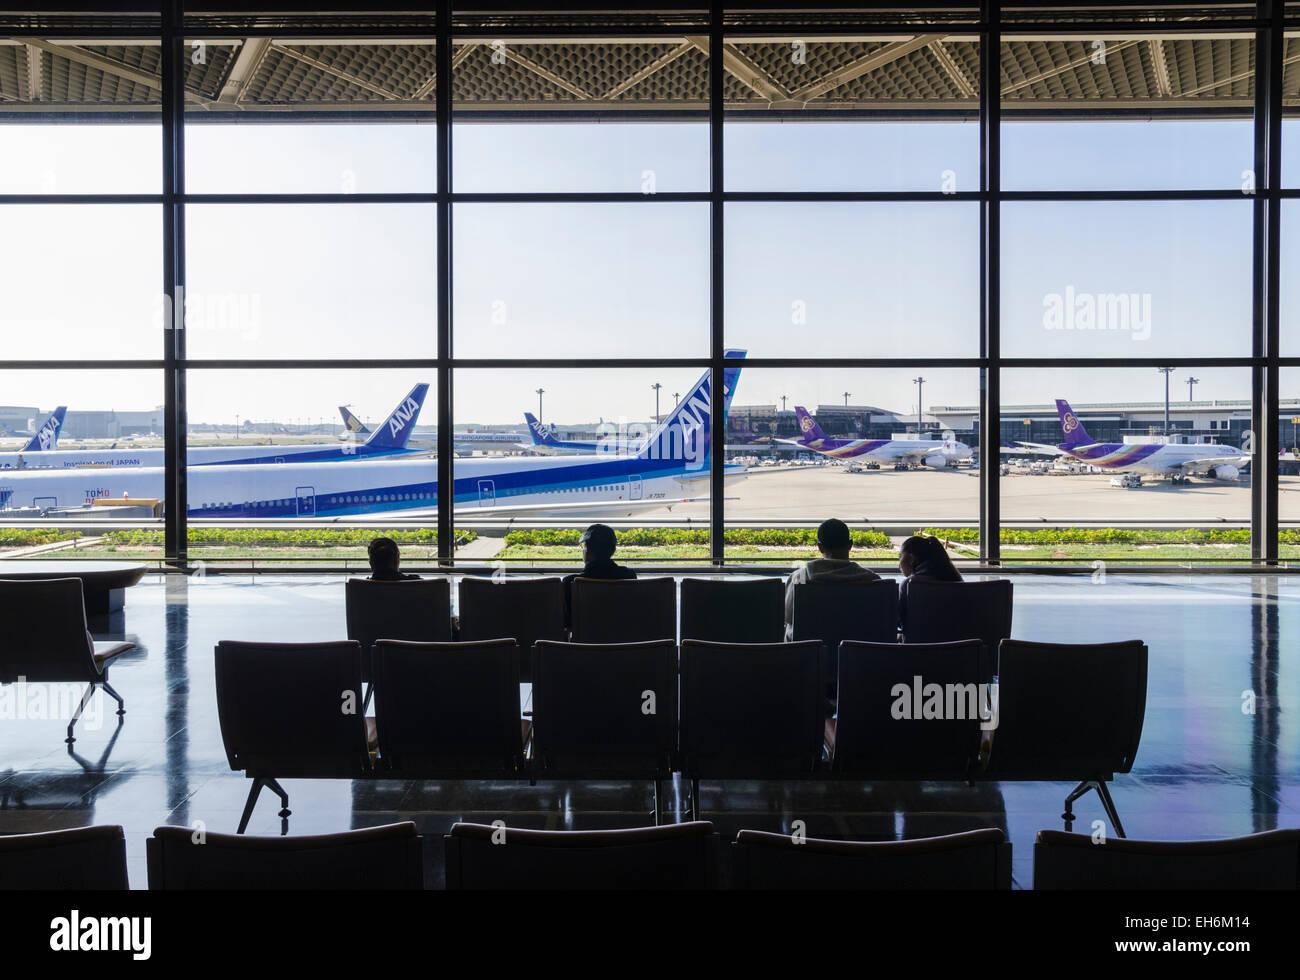 Les gens assis dans Narita Terminal 1, à l'intermédiaire de grandes fenêtres en verre sur le Photo Stock